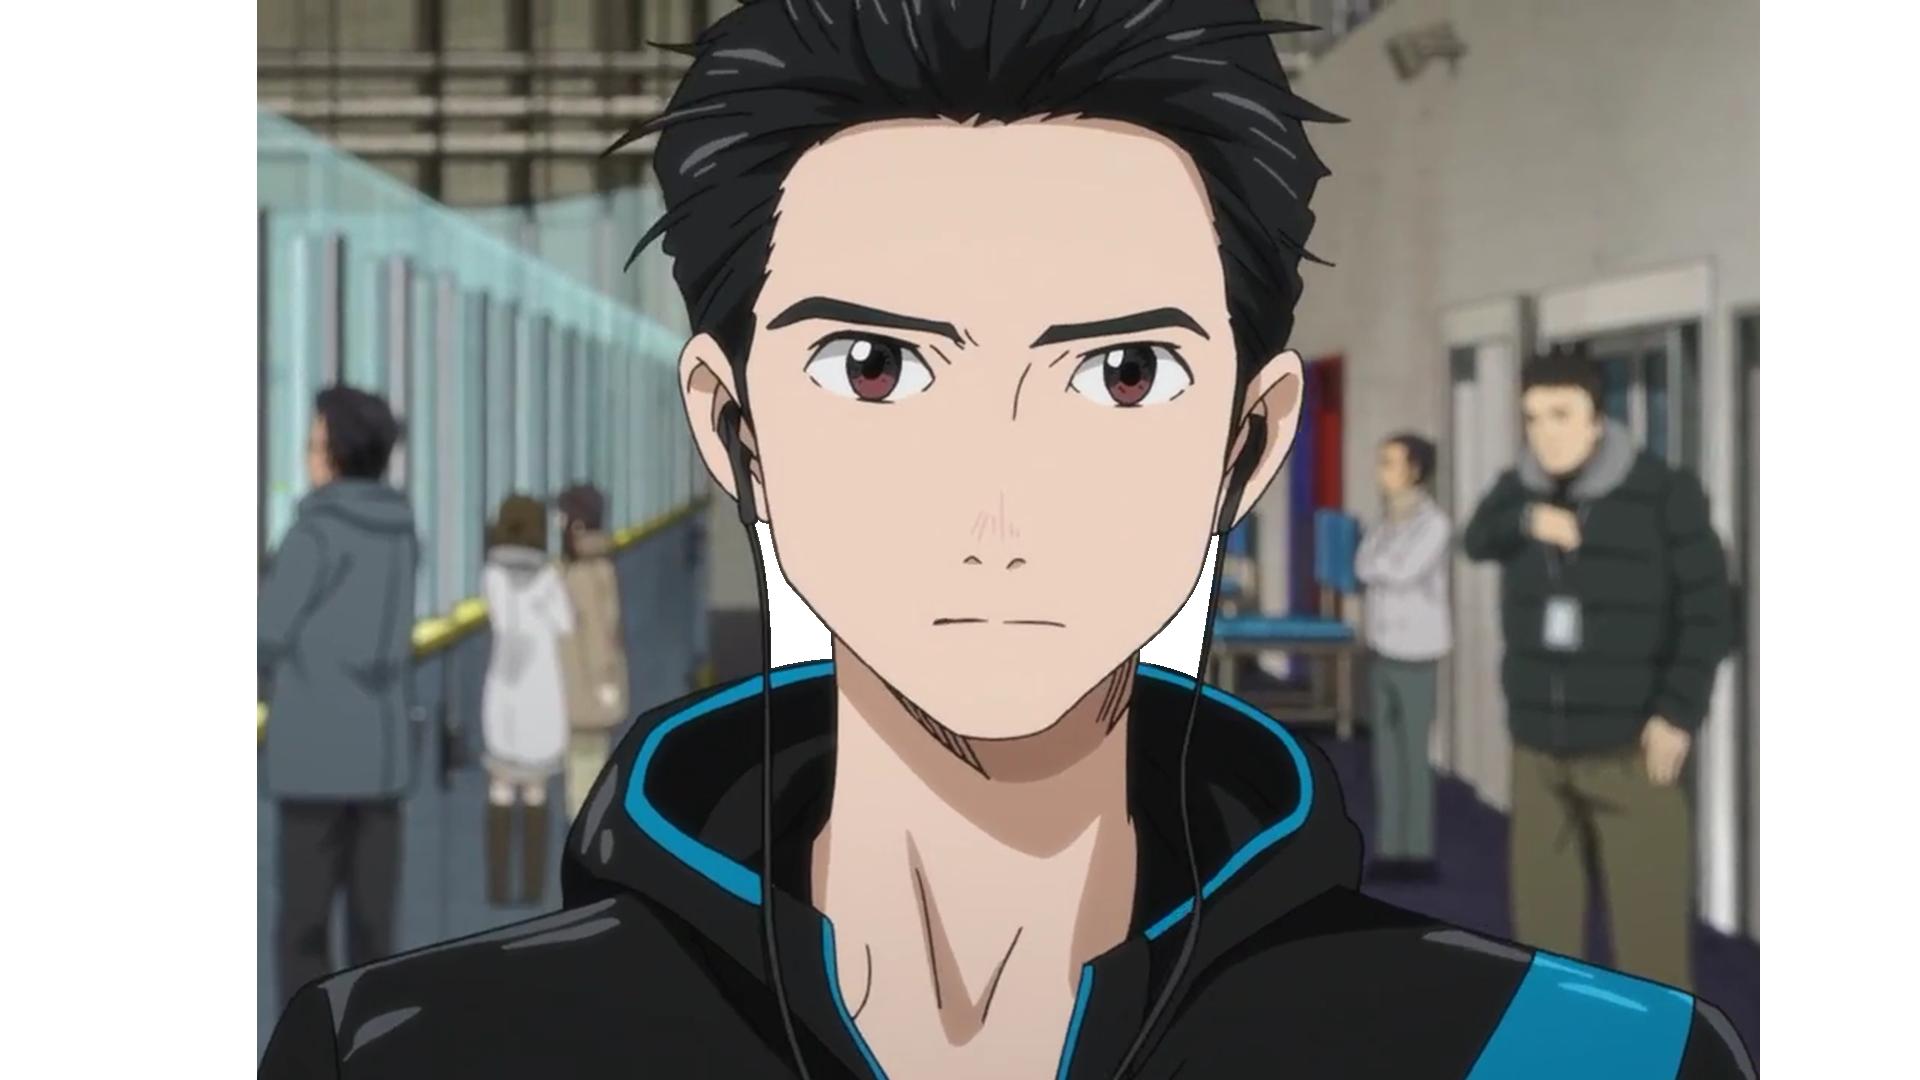 Yuri Katsuki Render 1 On Ice By Keqn